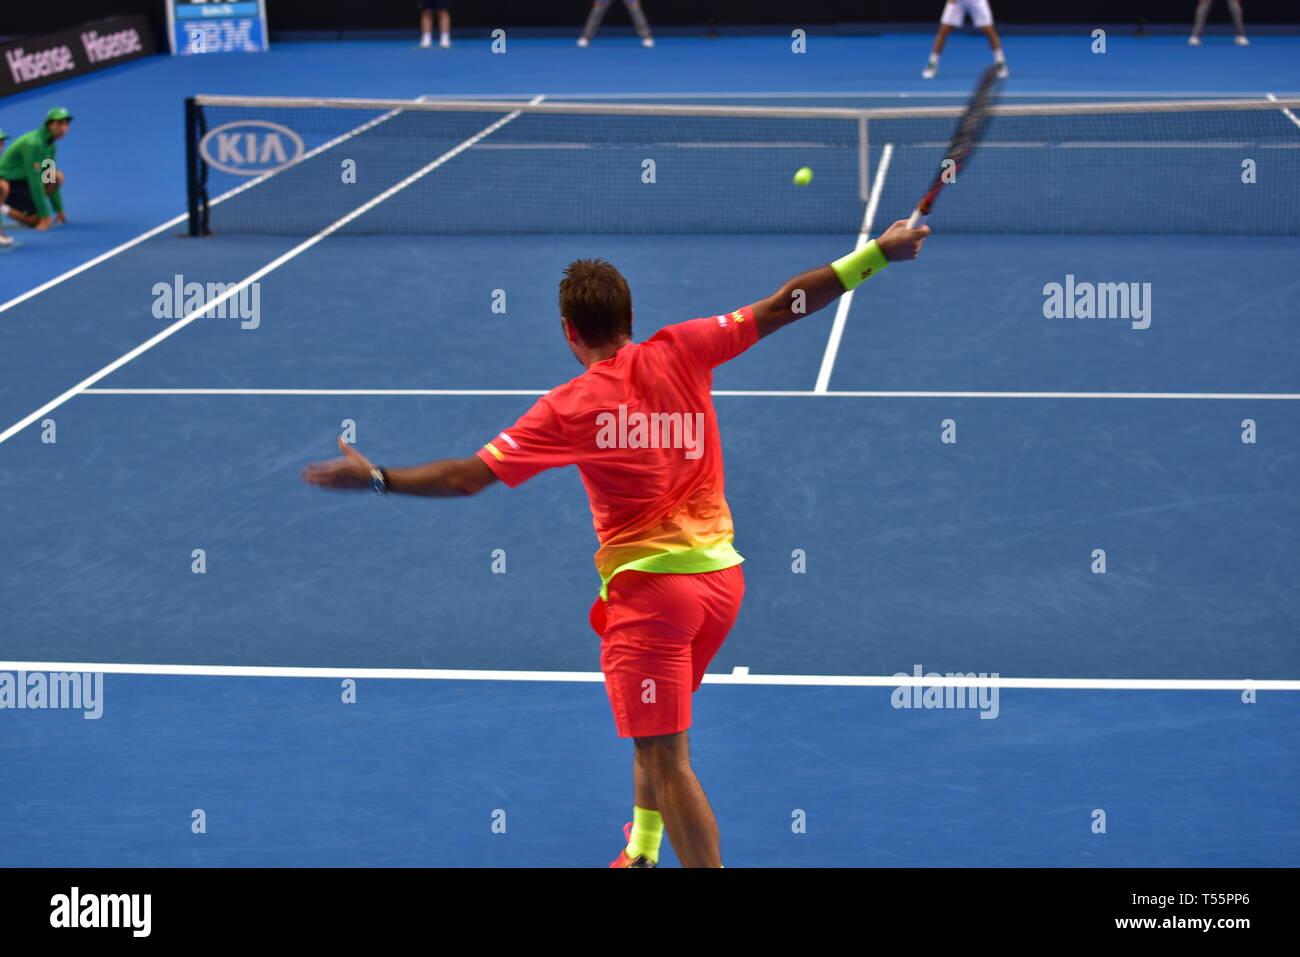 Stan Wawrinka, un jugador profesional suizo de tenis, jugó en el Abierto de Australia 2016 en Melbourne, Australia Foto de stock